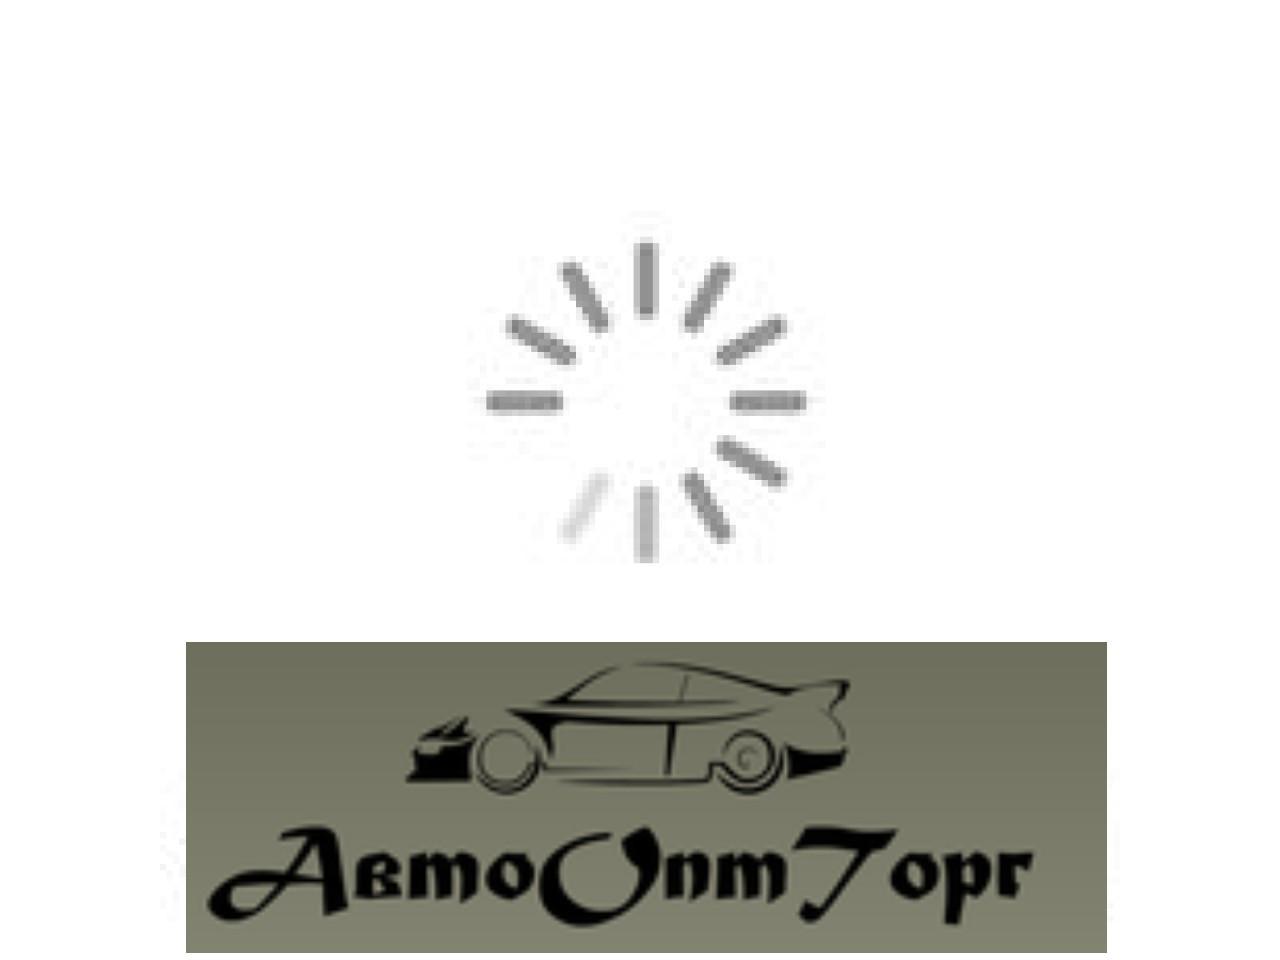 Коленвал  ВАЗ 2110, 2111, 2112 с двигателем 1.5-1.6, кат.код. 2110-1005015,  (вал коленчатый) производитель: Мелитополь